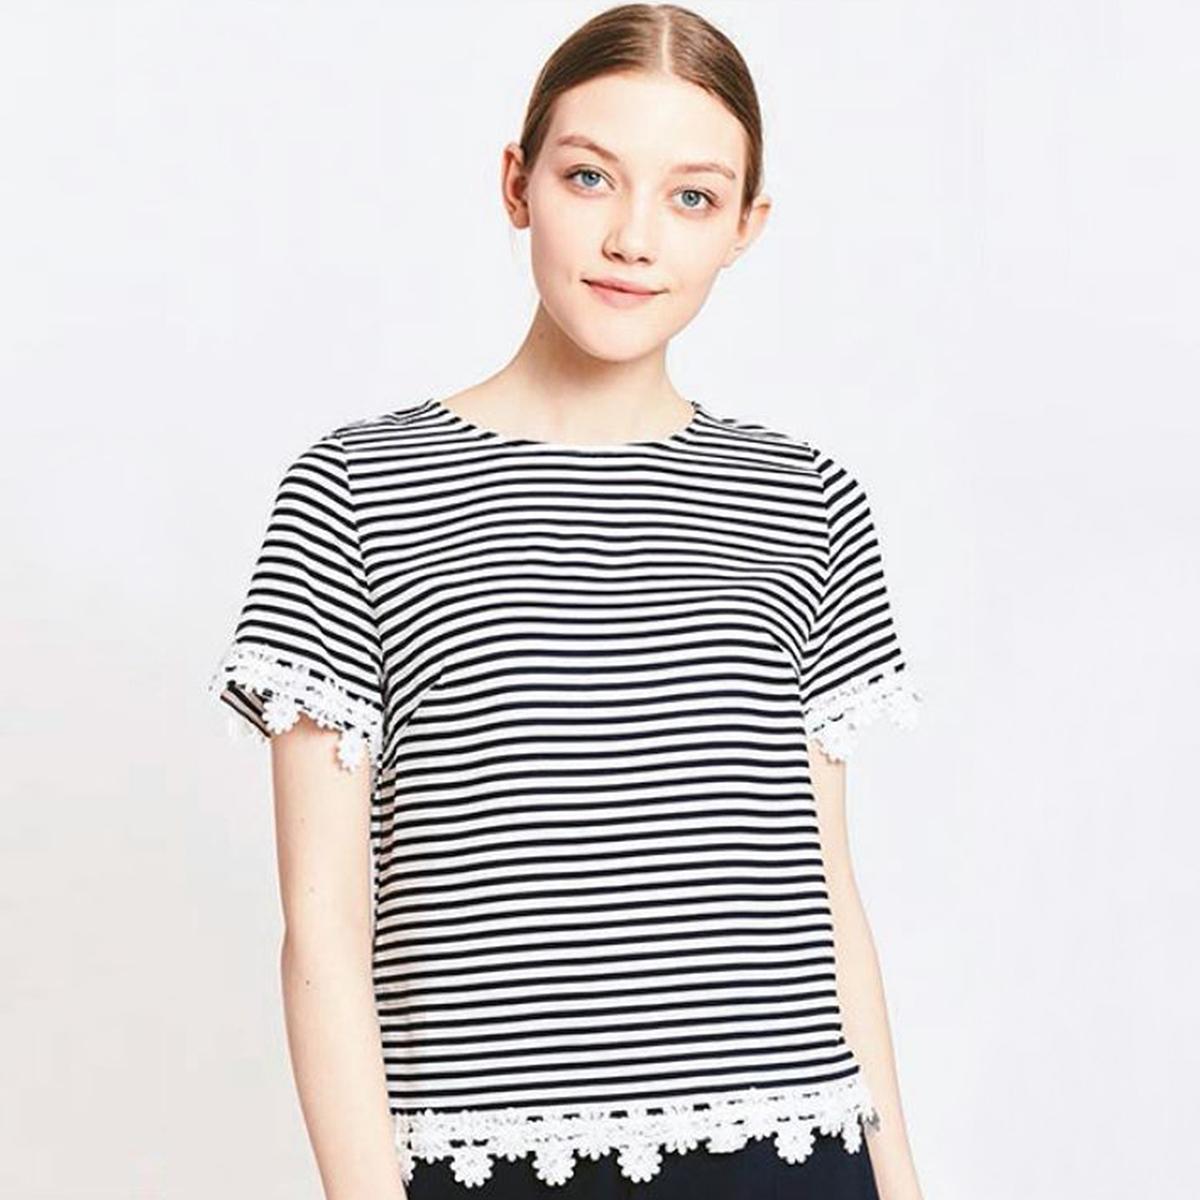 Блузка с круглым вырезом и короткими рукавами блузка с круглым вырезом и короткими рукавами